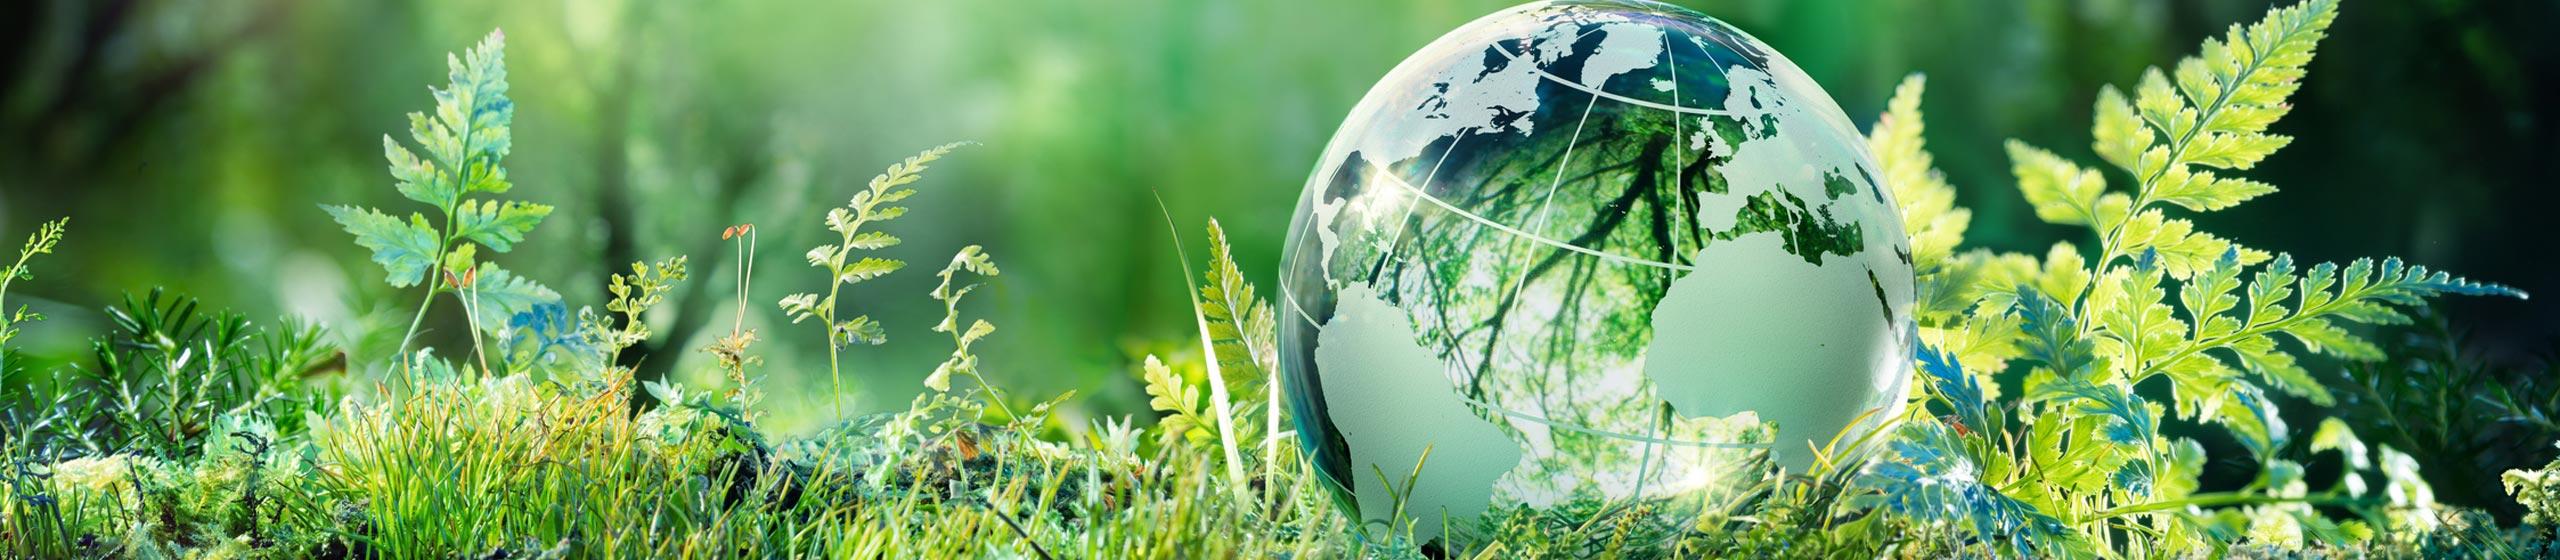 Nachhaltigkeit Banner